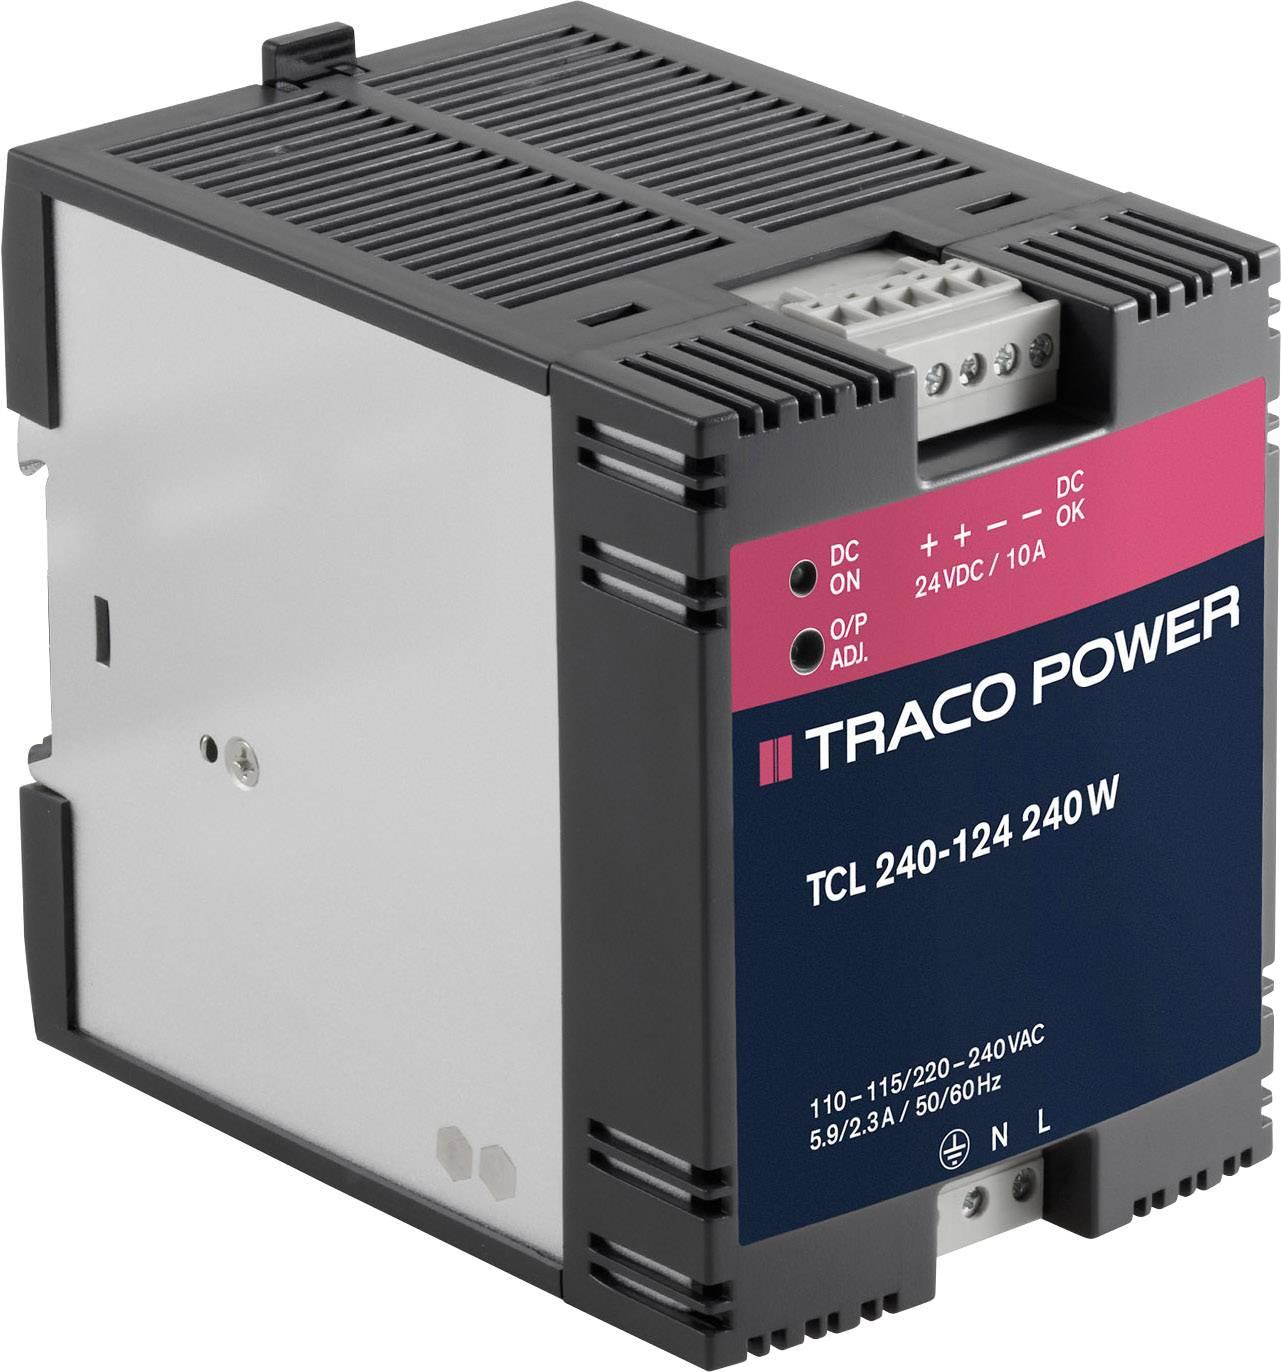 Sieťový zdroj na montážnu lištu (DIN lištu) TracoPower TCL 240-124, 1 x, 24 V/DC, 10 A, 240 W